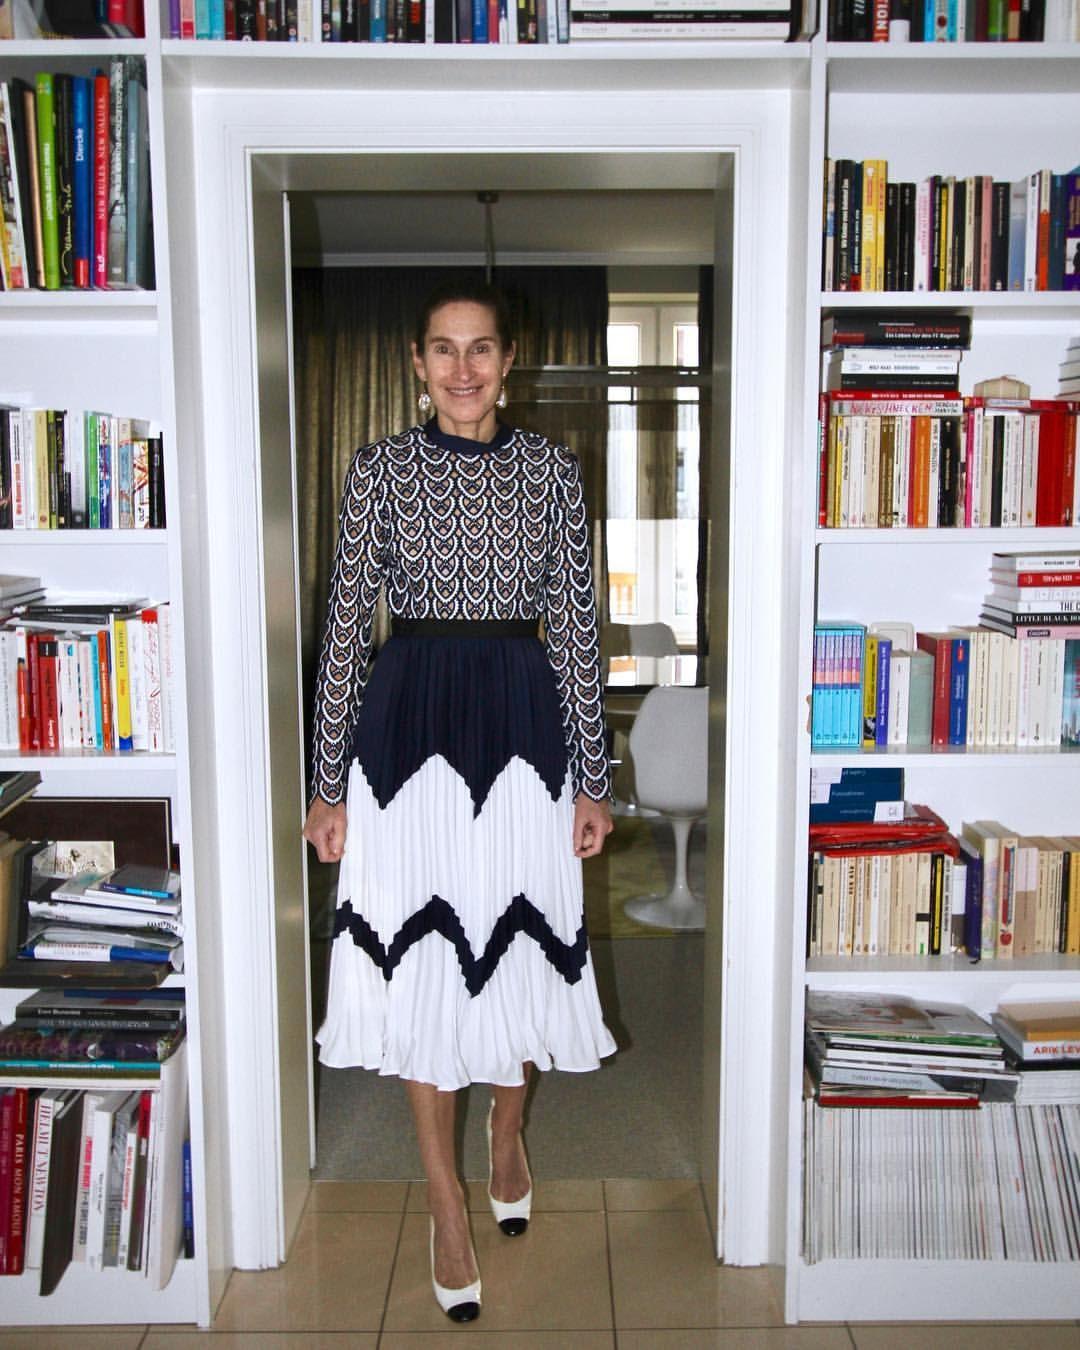 15 Schön Kleid Für Heilig Abend StylishFormal Genial Kleid Für Heilig Abend Boutique